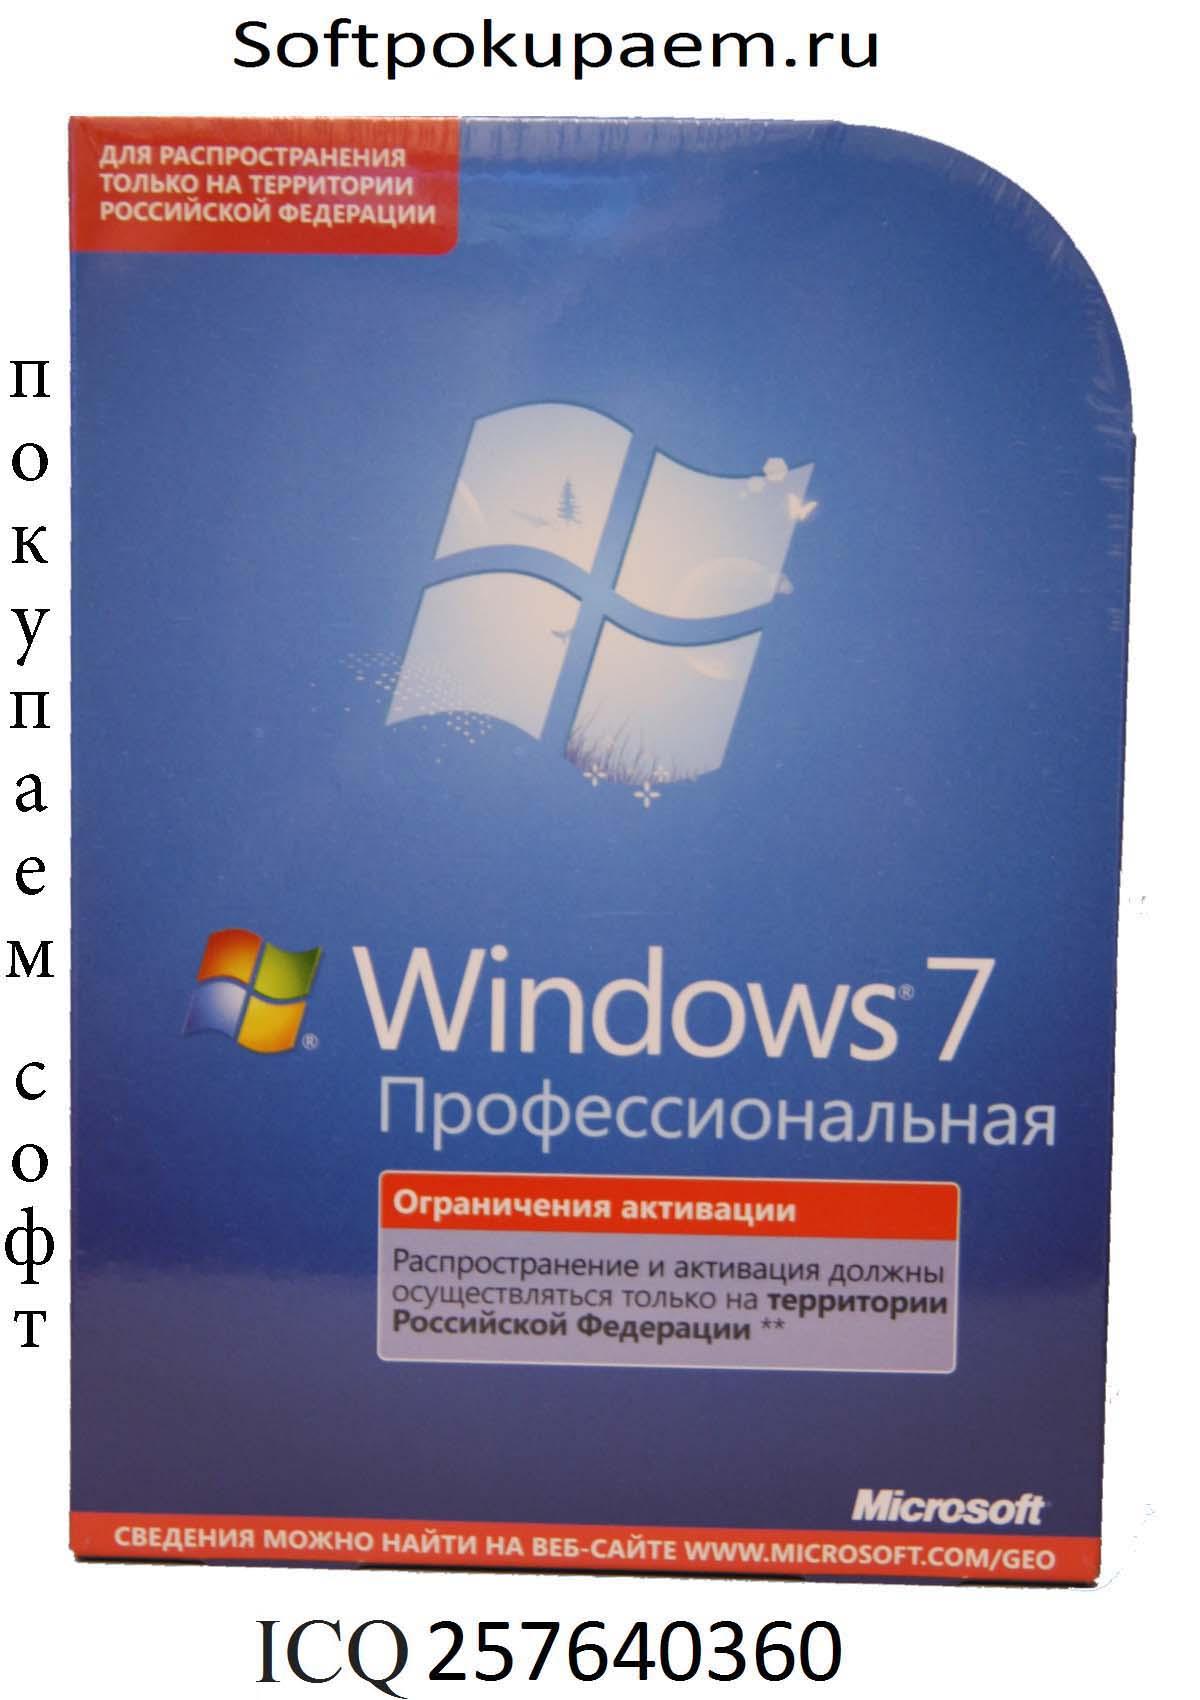 Максимально дорого купим у Вам программы от Microsoft.